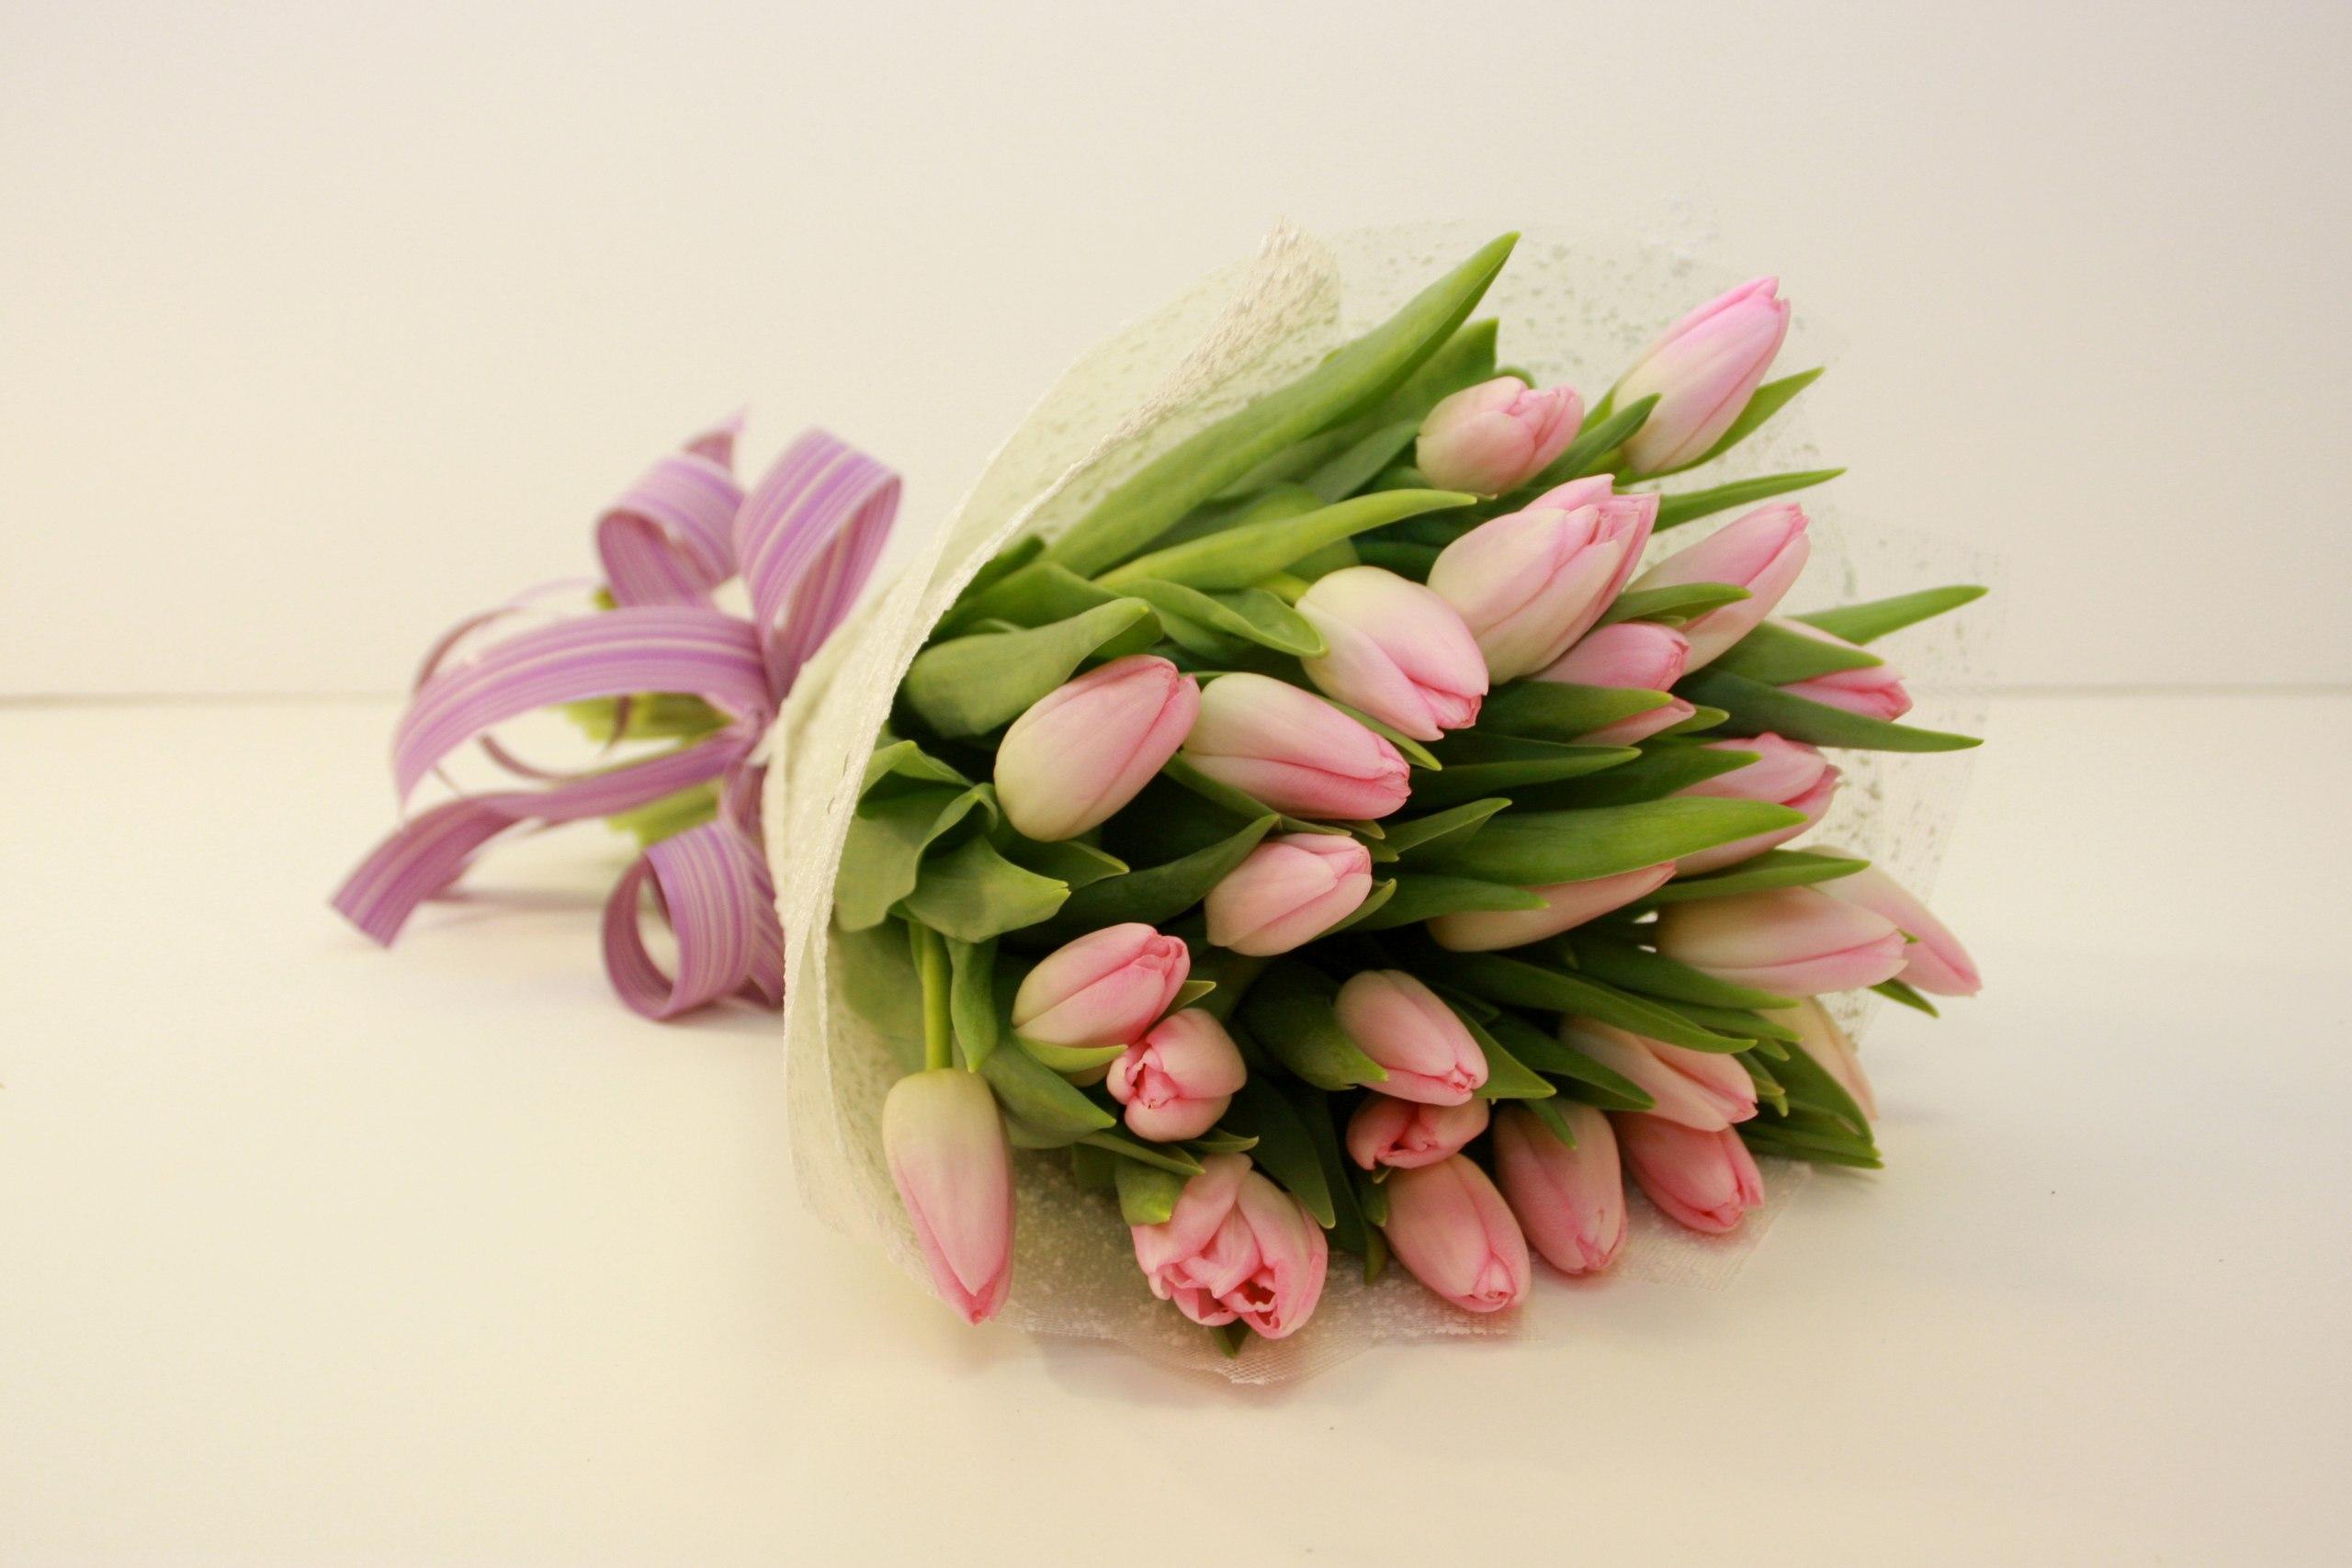 букеты розовых тюльпанов фото объявления